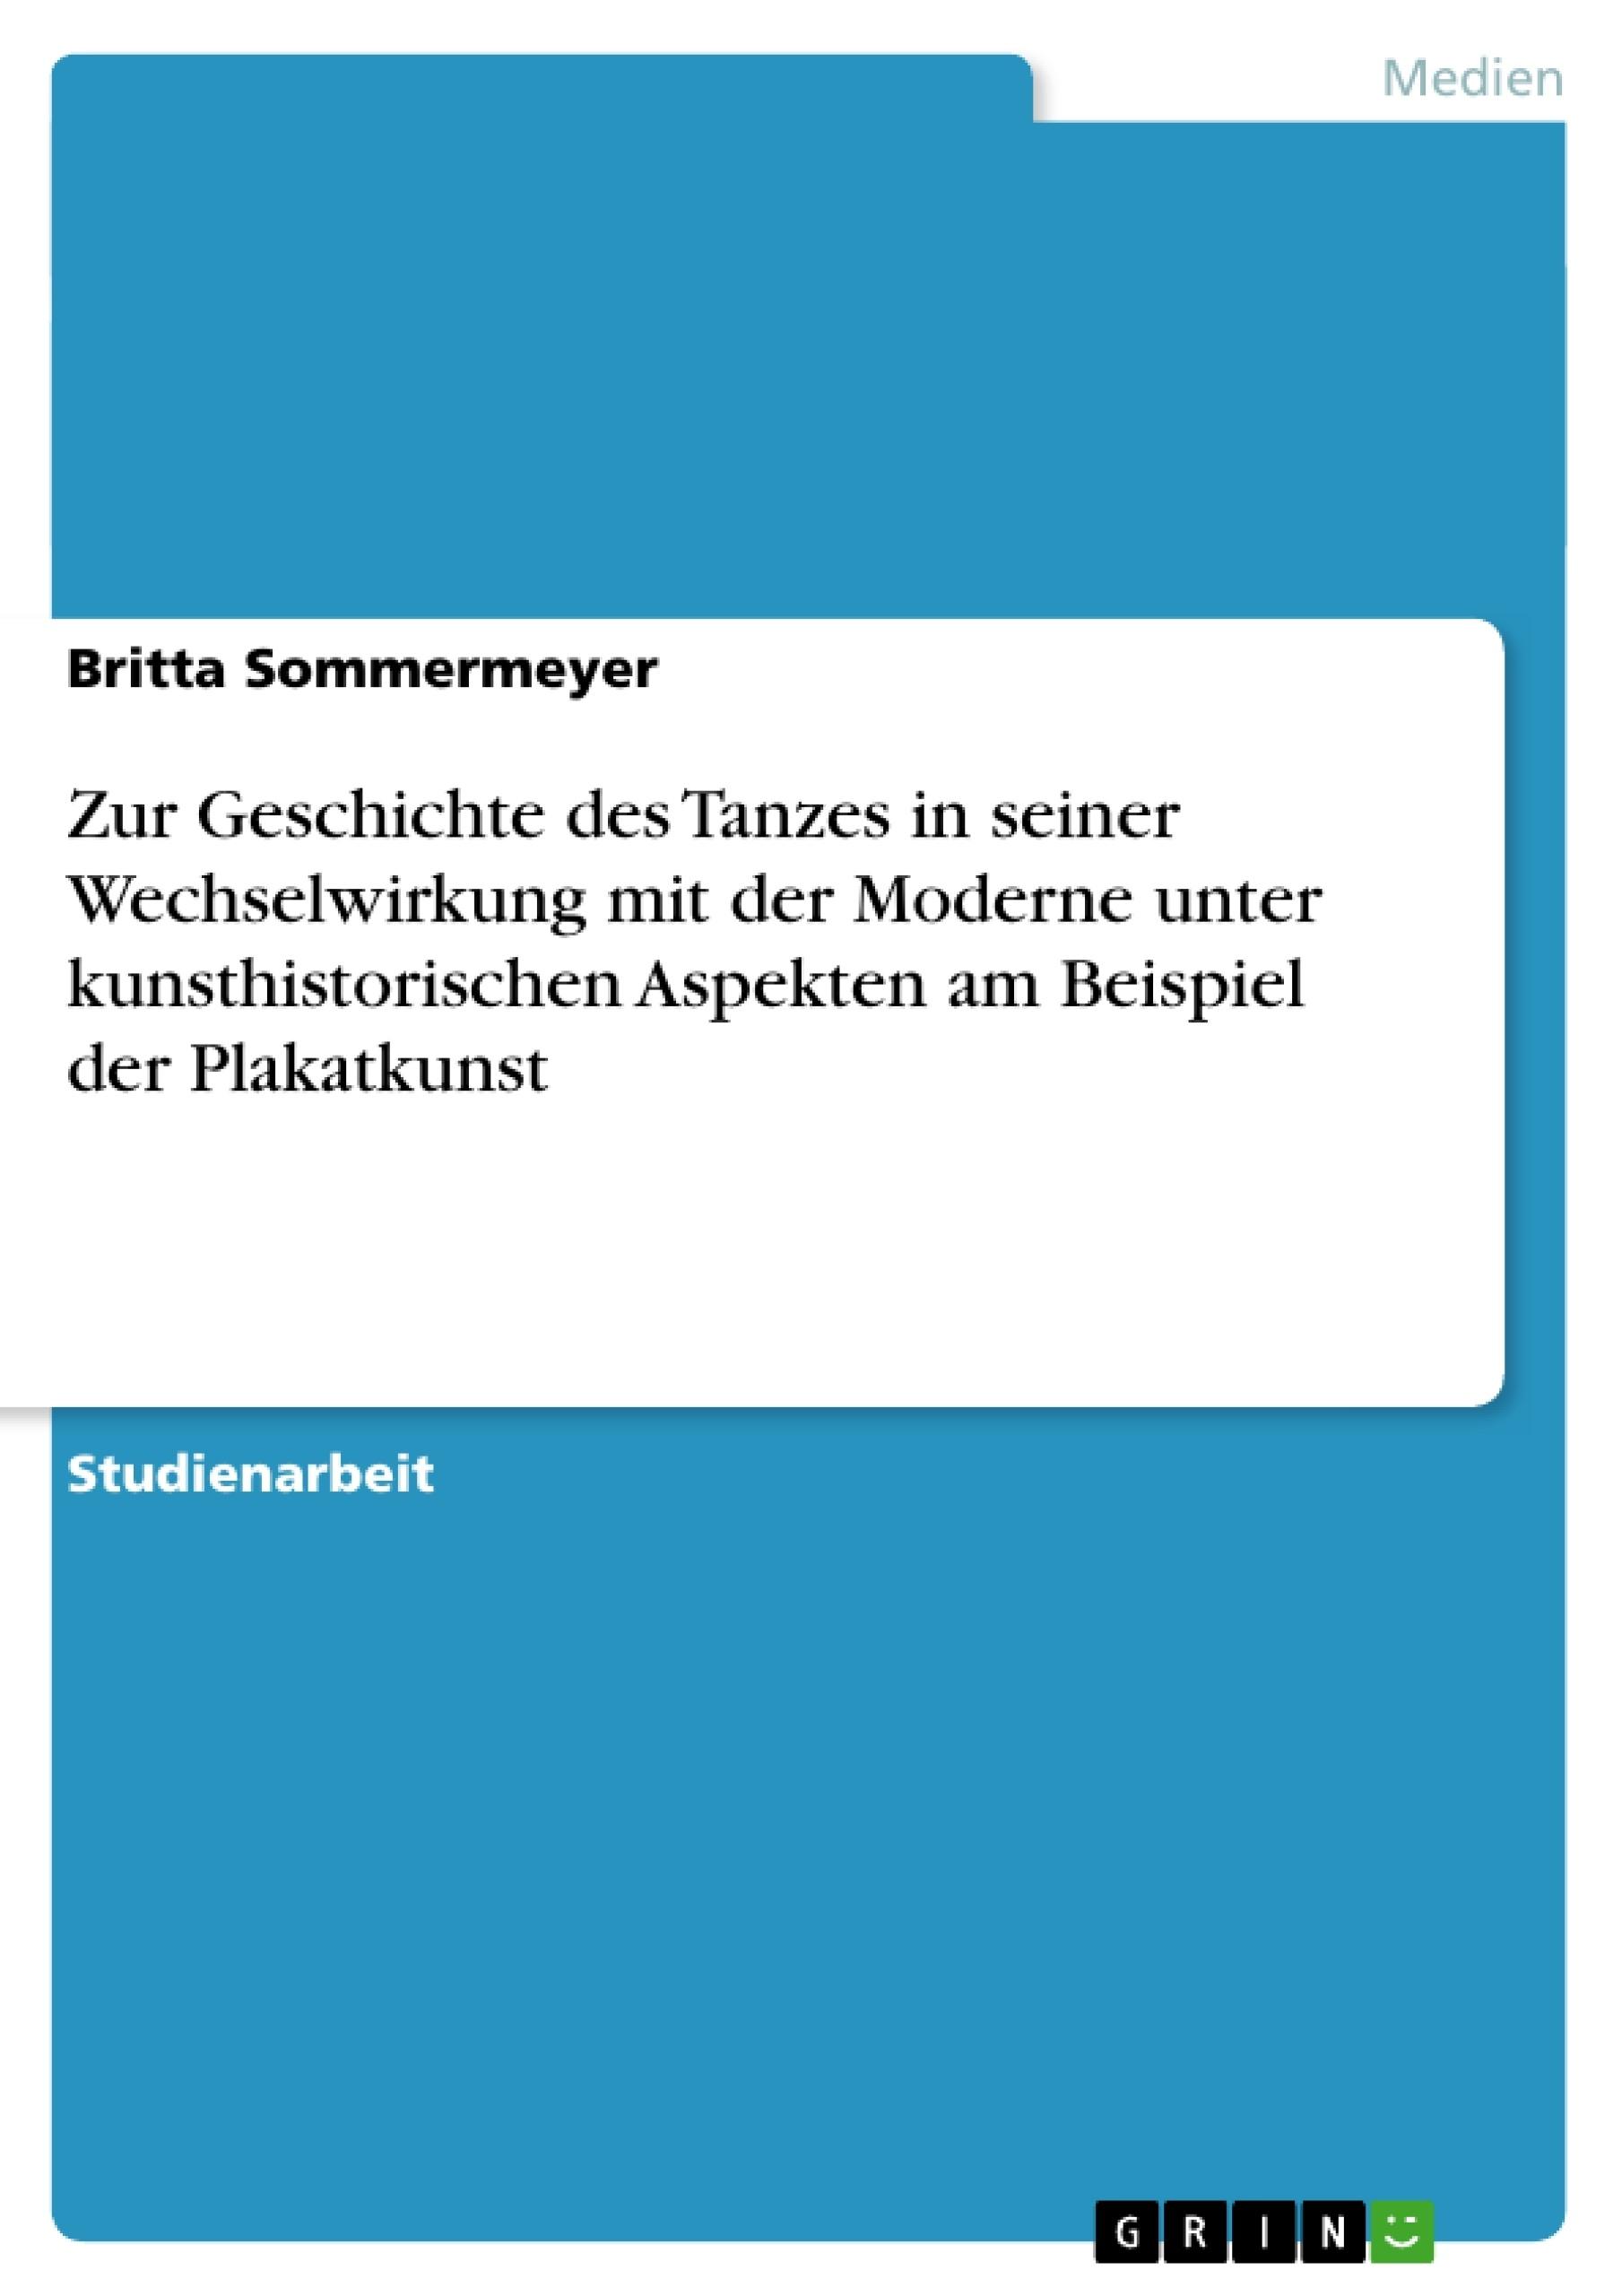 Titel: Zur Geschichte des Tanzes in seiner Wechselwirkung mit der Moderne unter kunsthistorischen Aspekten am Beispiel der Plakatkunst